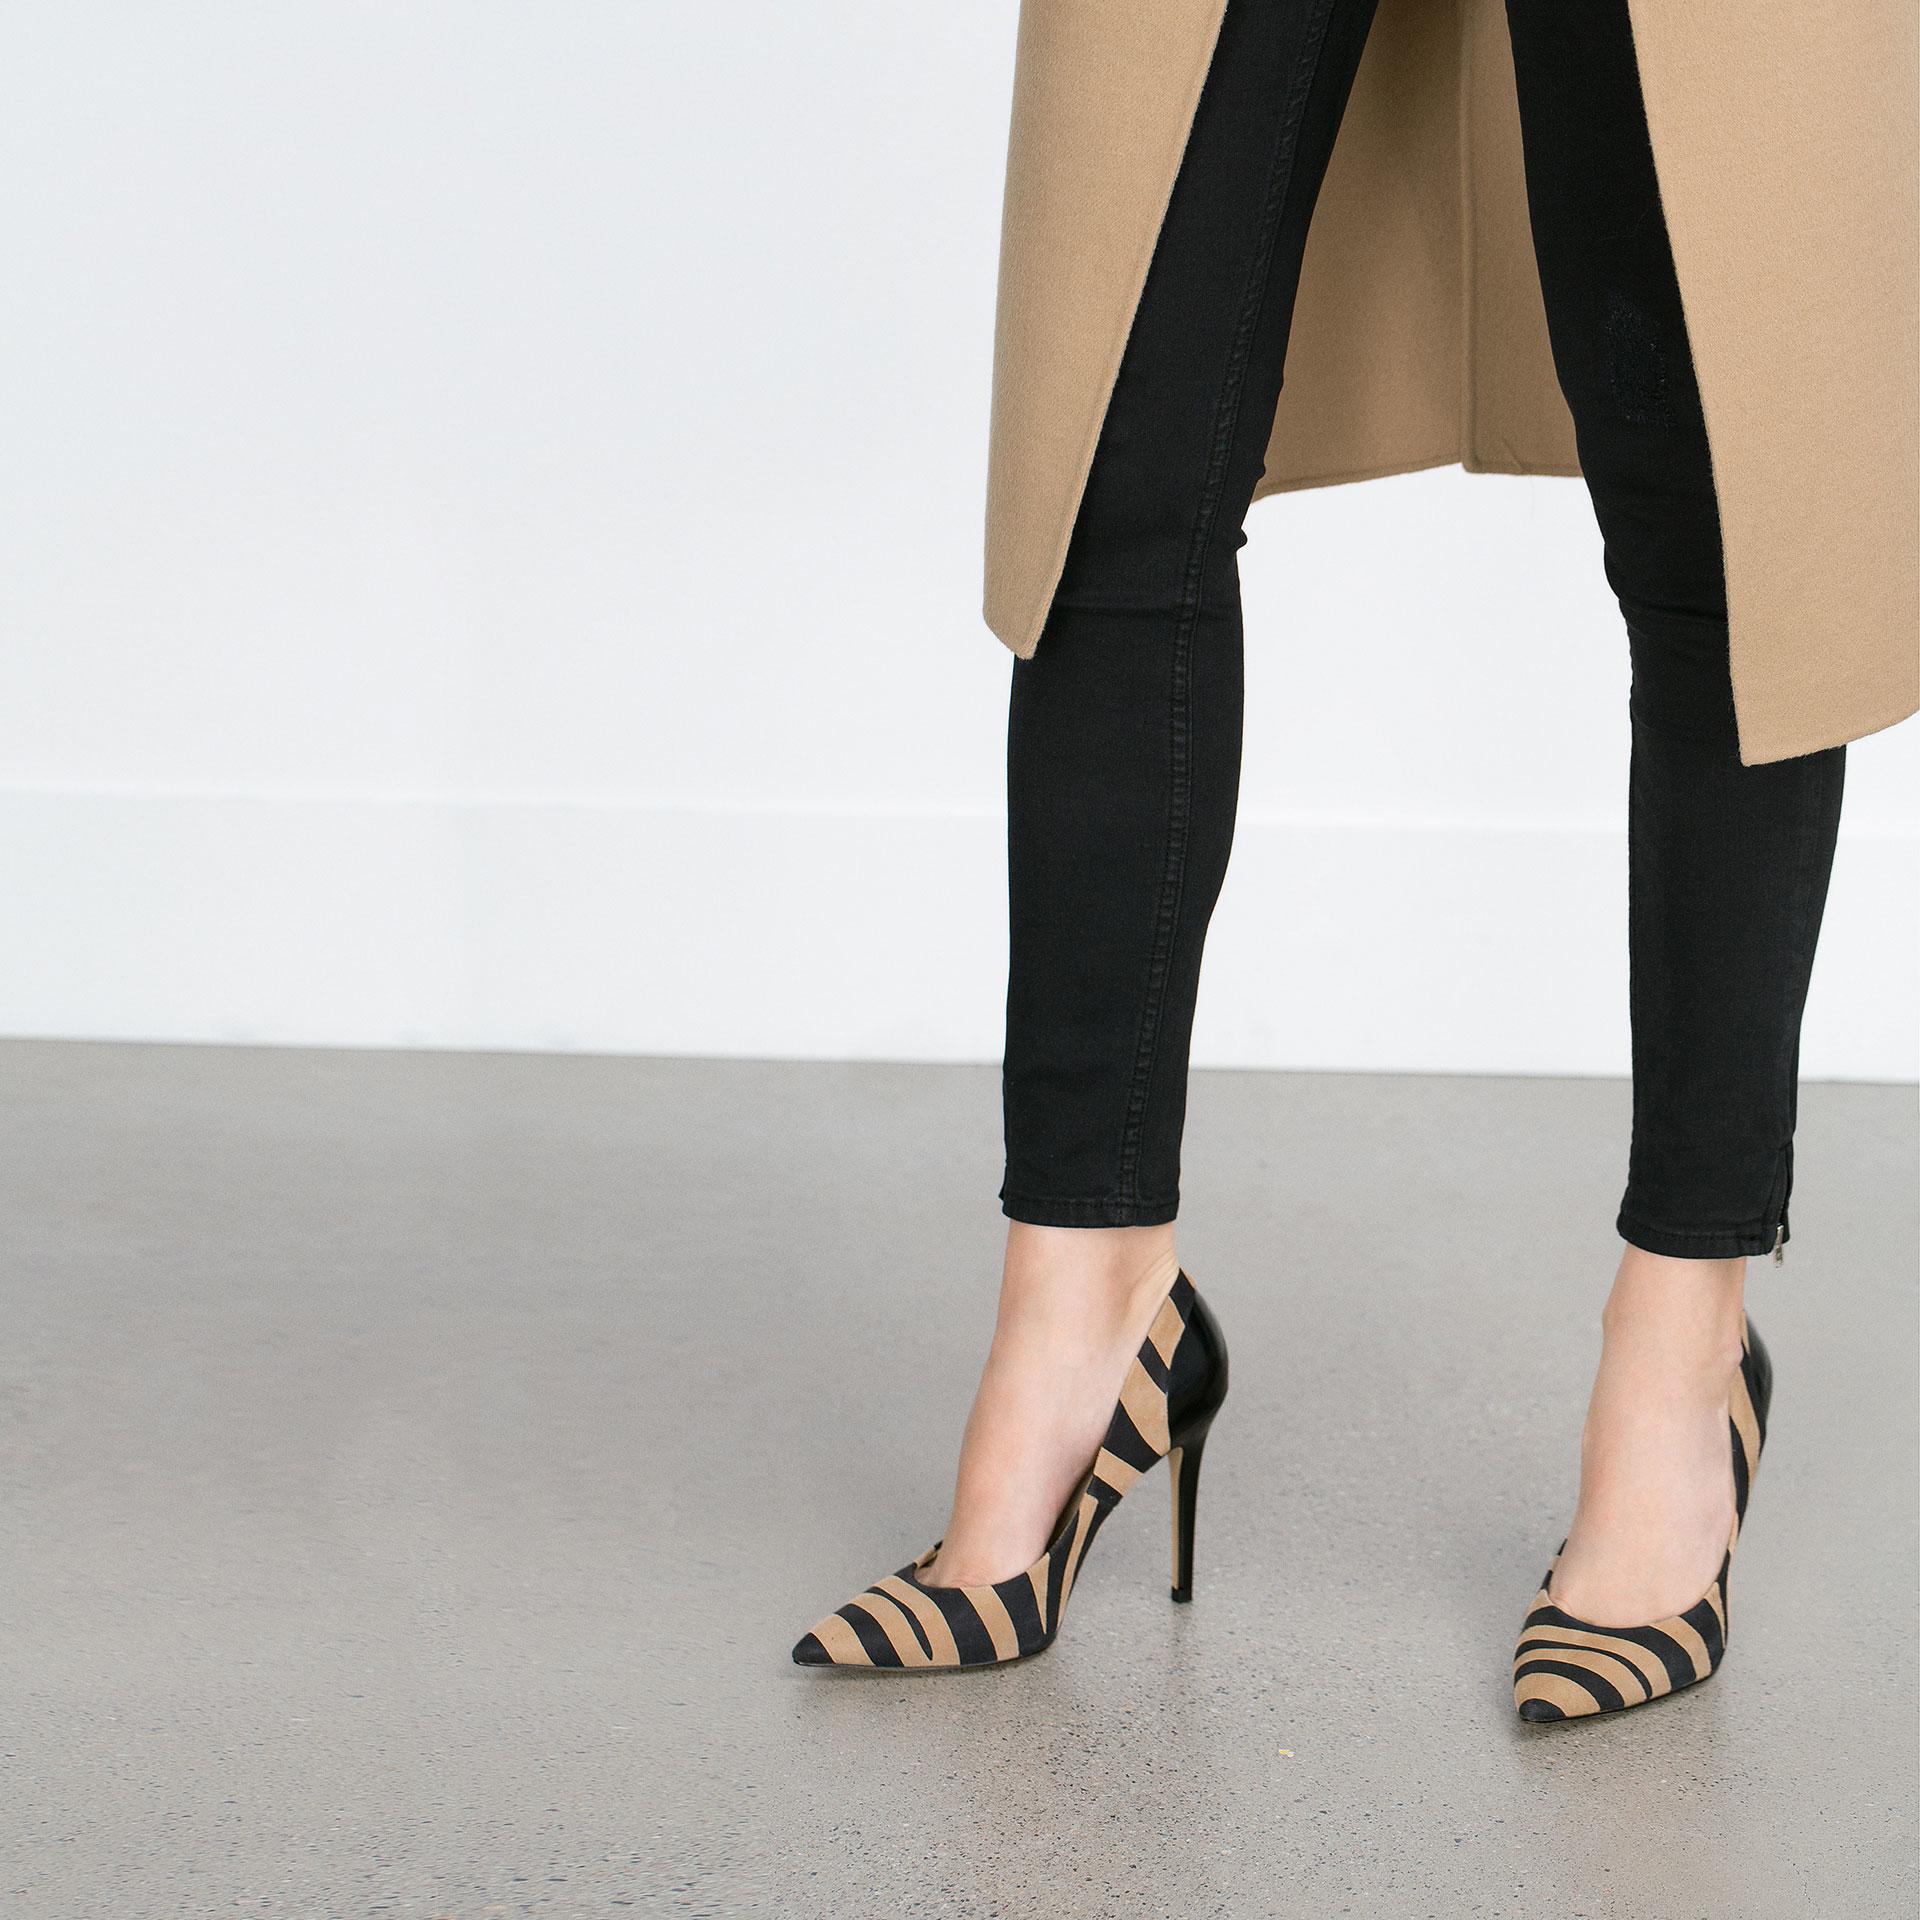 Zara Flat Shoes Australia